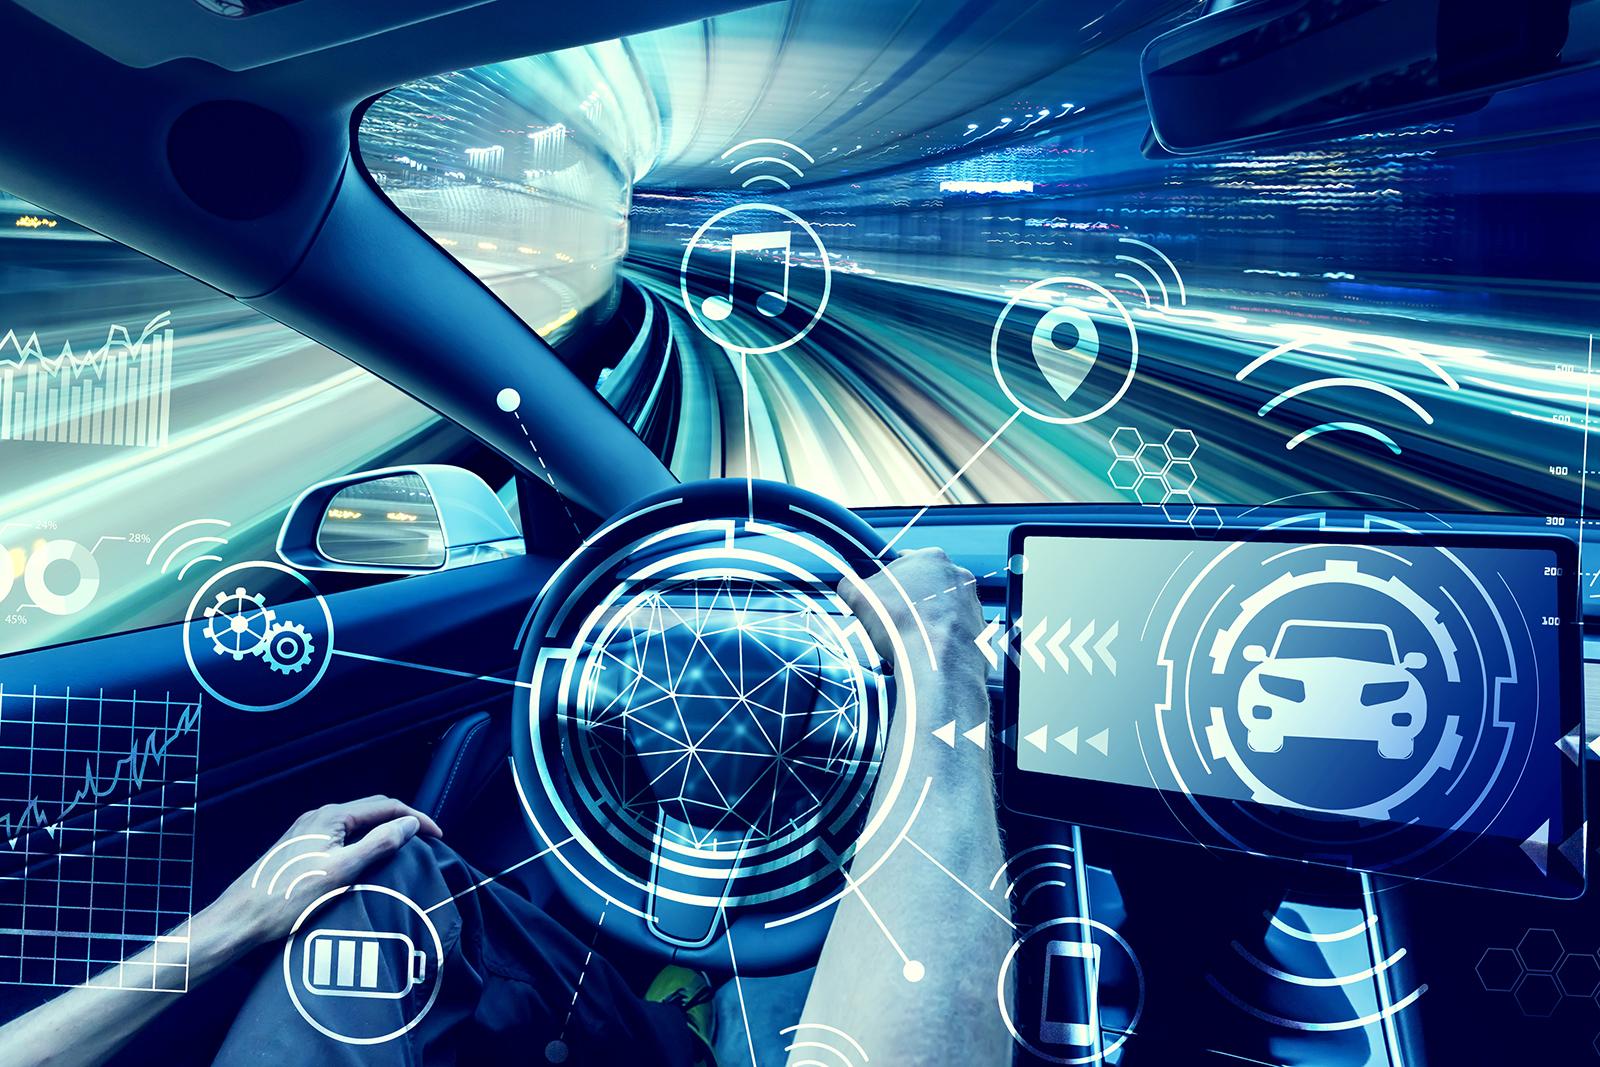 Automobilový průmysl a technické inovace